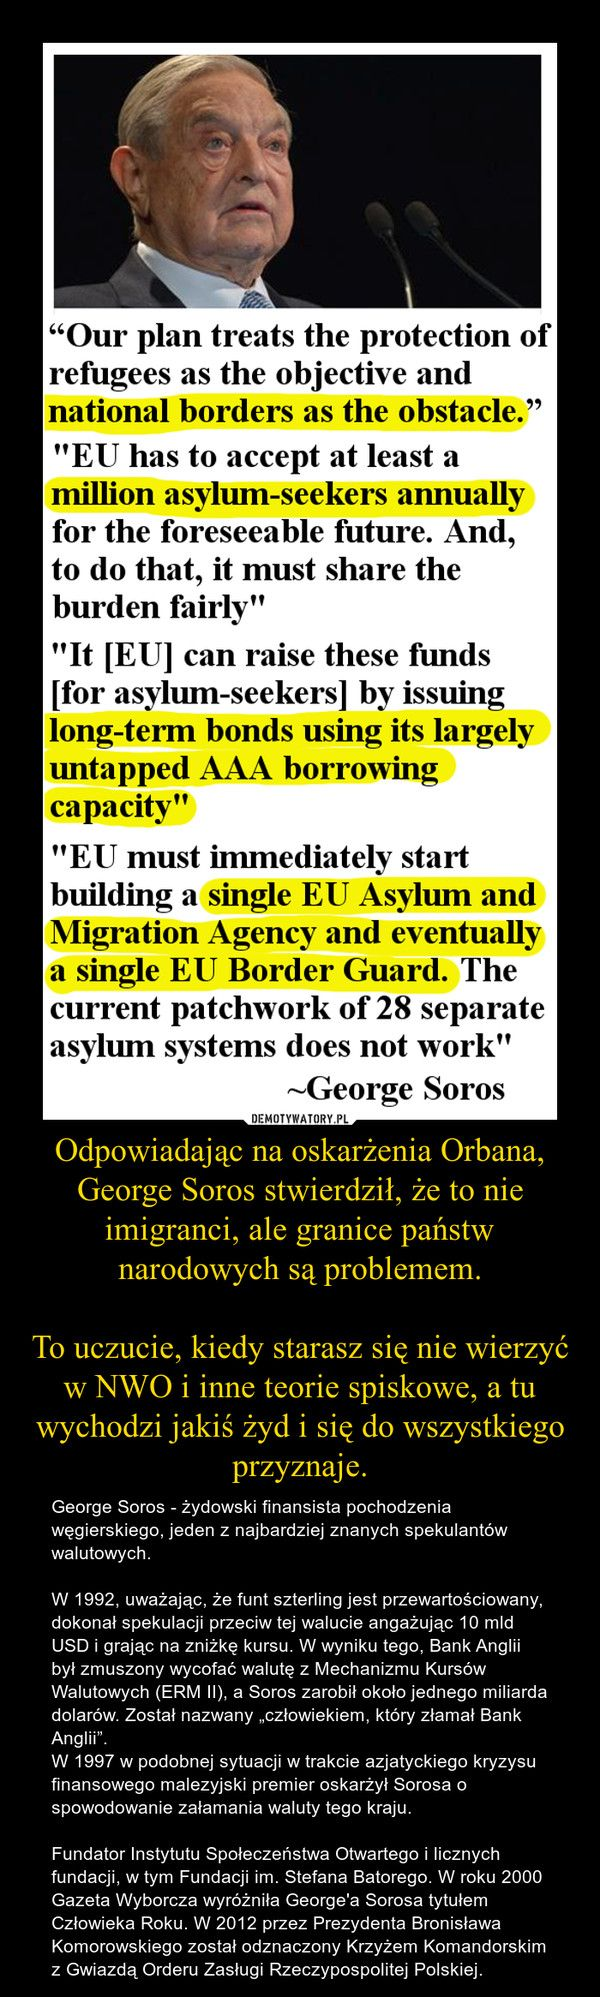 Odpowiadając na oskarżenia Orbana, George Soros stwierdził, że to nie imigranci, ale granice państw narodowych są problemem.  To uczucie, kiedy starasz się nie wierzyć w NWO i inne teorie spiskowe, a tu wychodzi jakiś żyd i się do wszystkiego przyznaje.